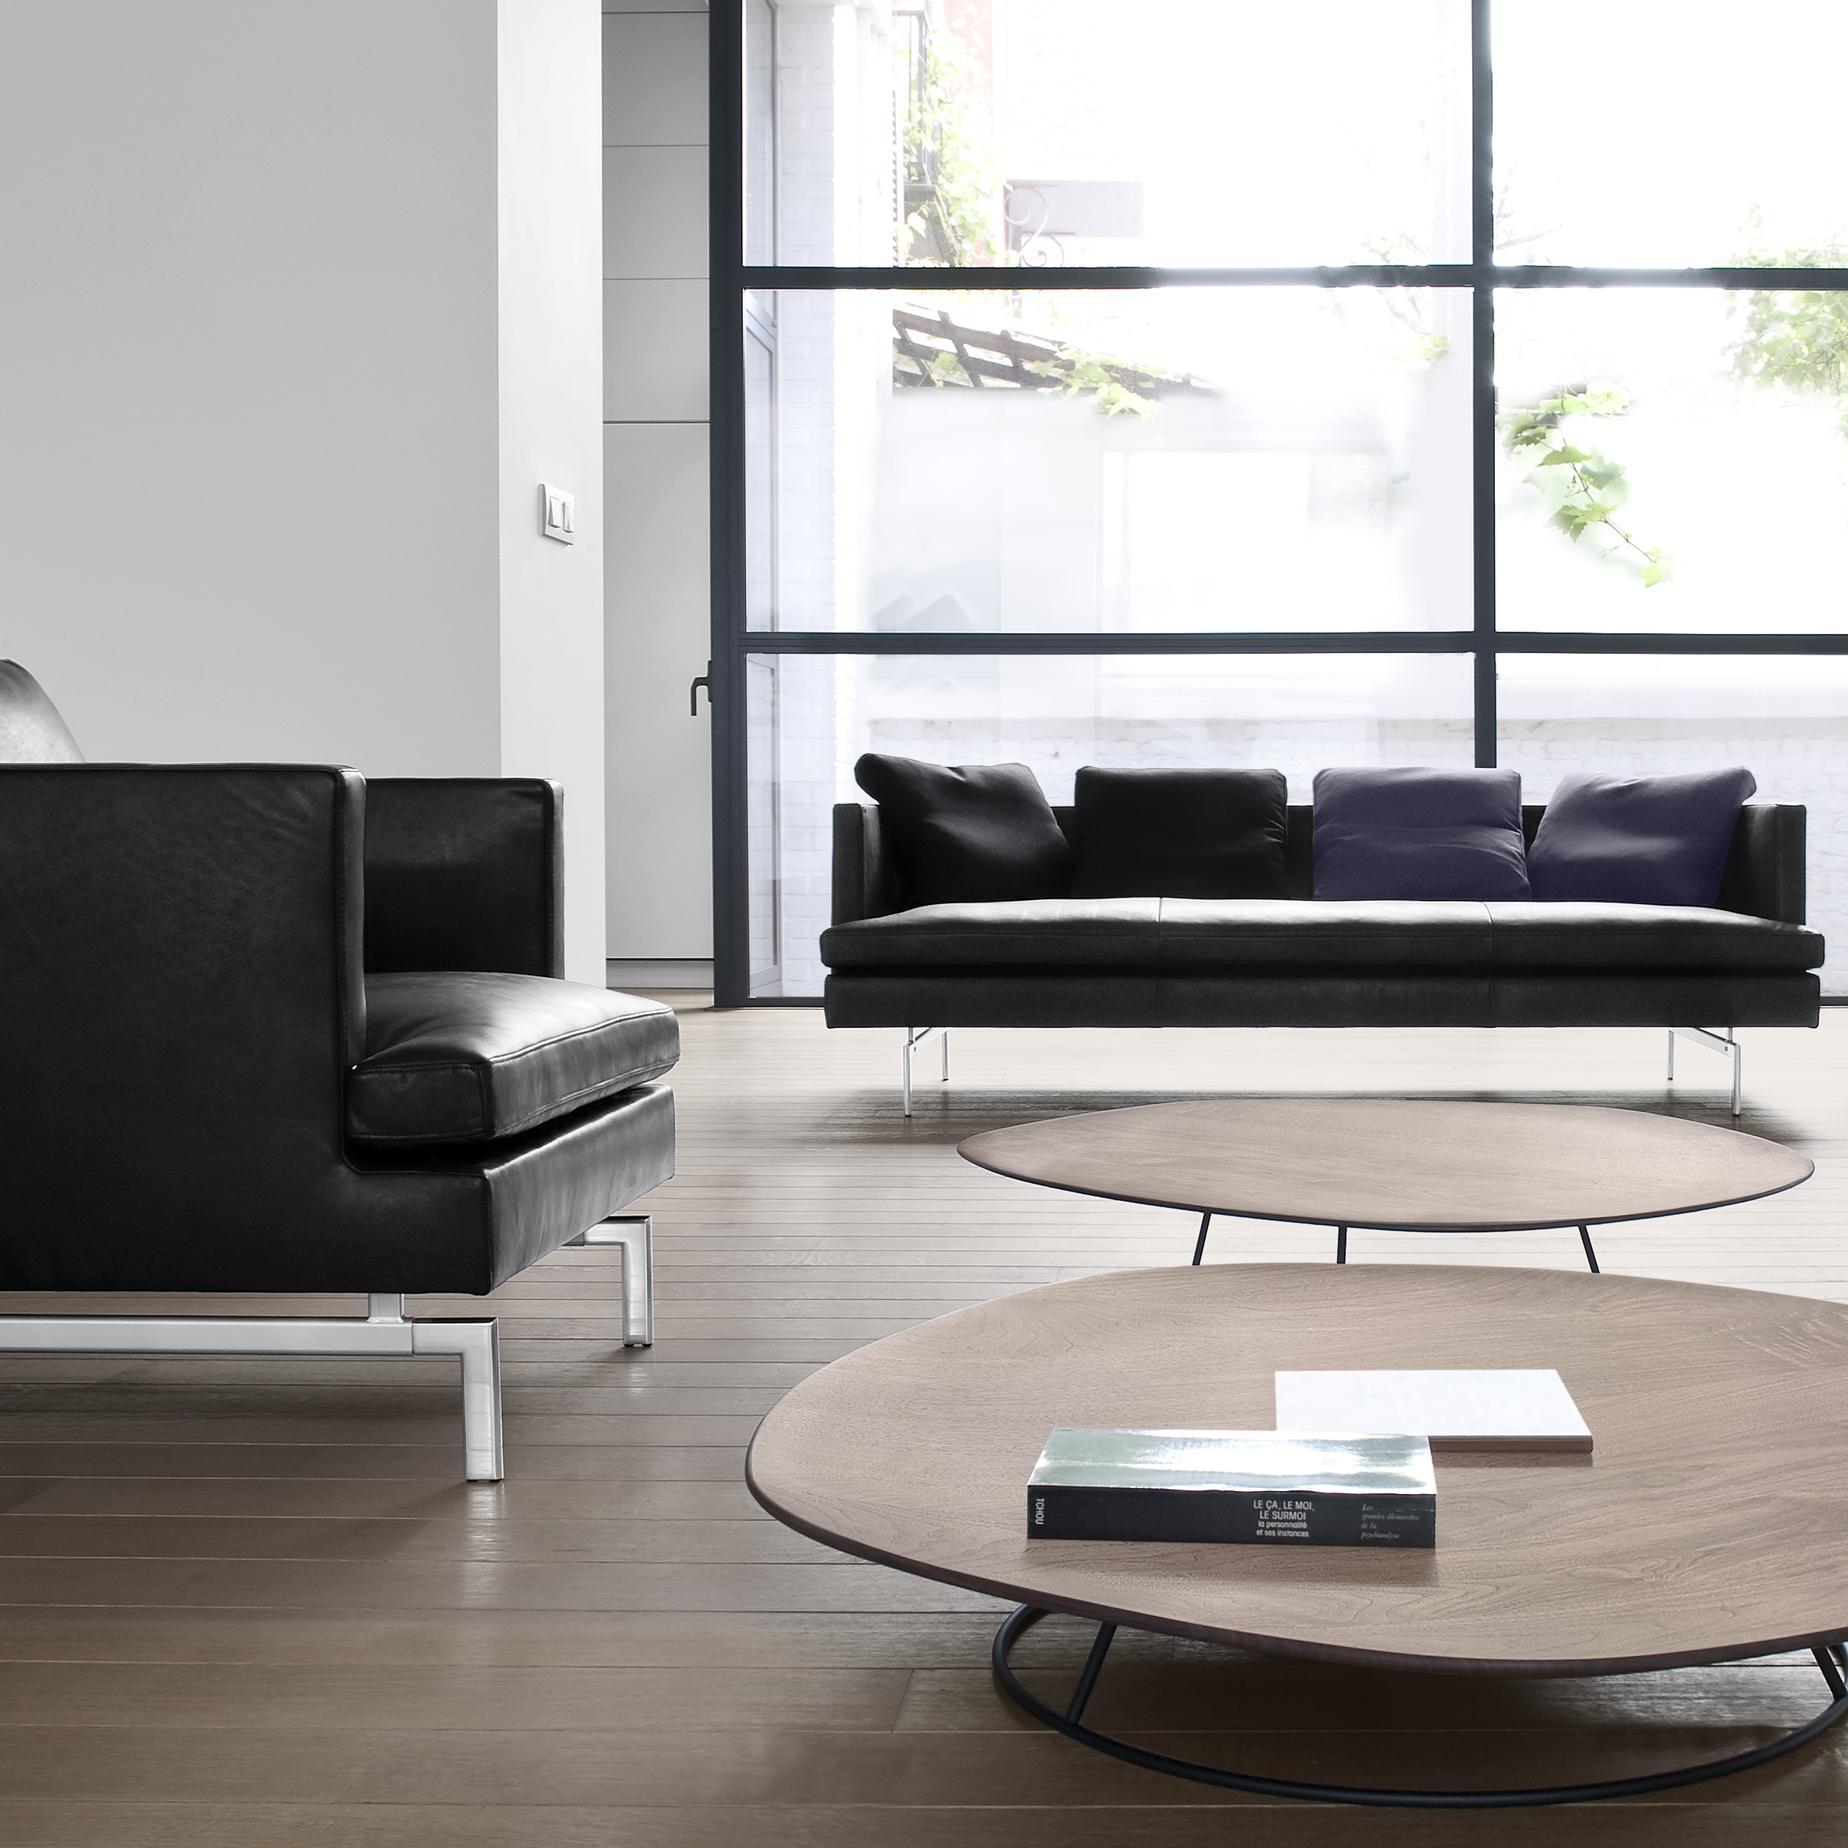 pebble occasional tables designer nathan yong ligne roset. Black Bedroom Furniture Sets. Home Design Ideas